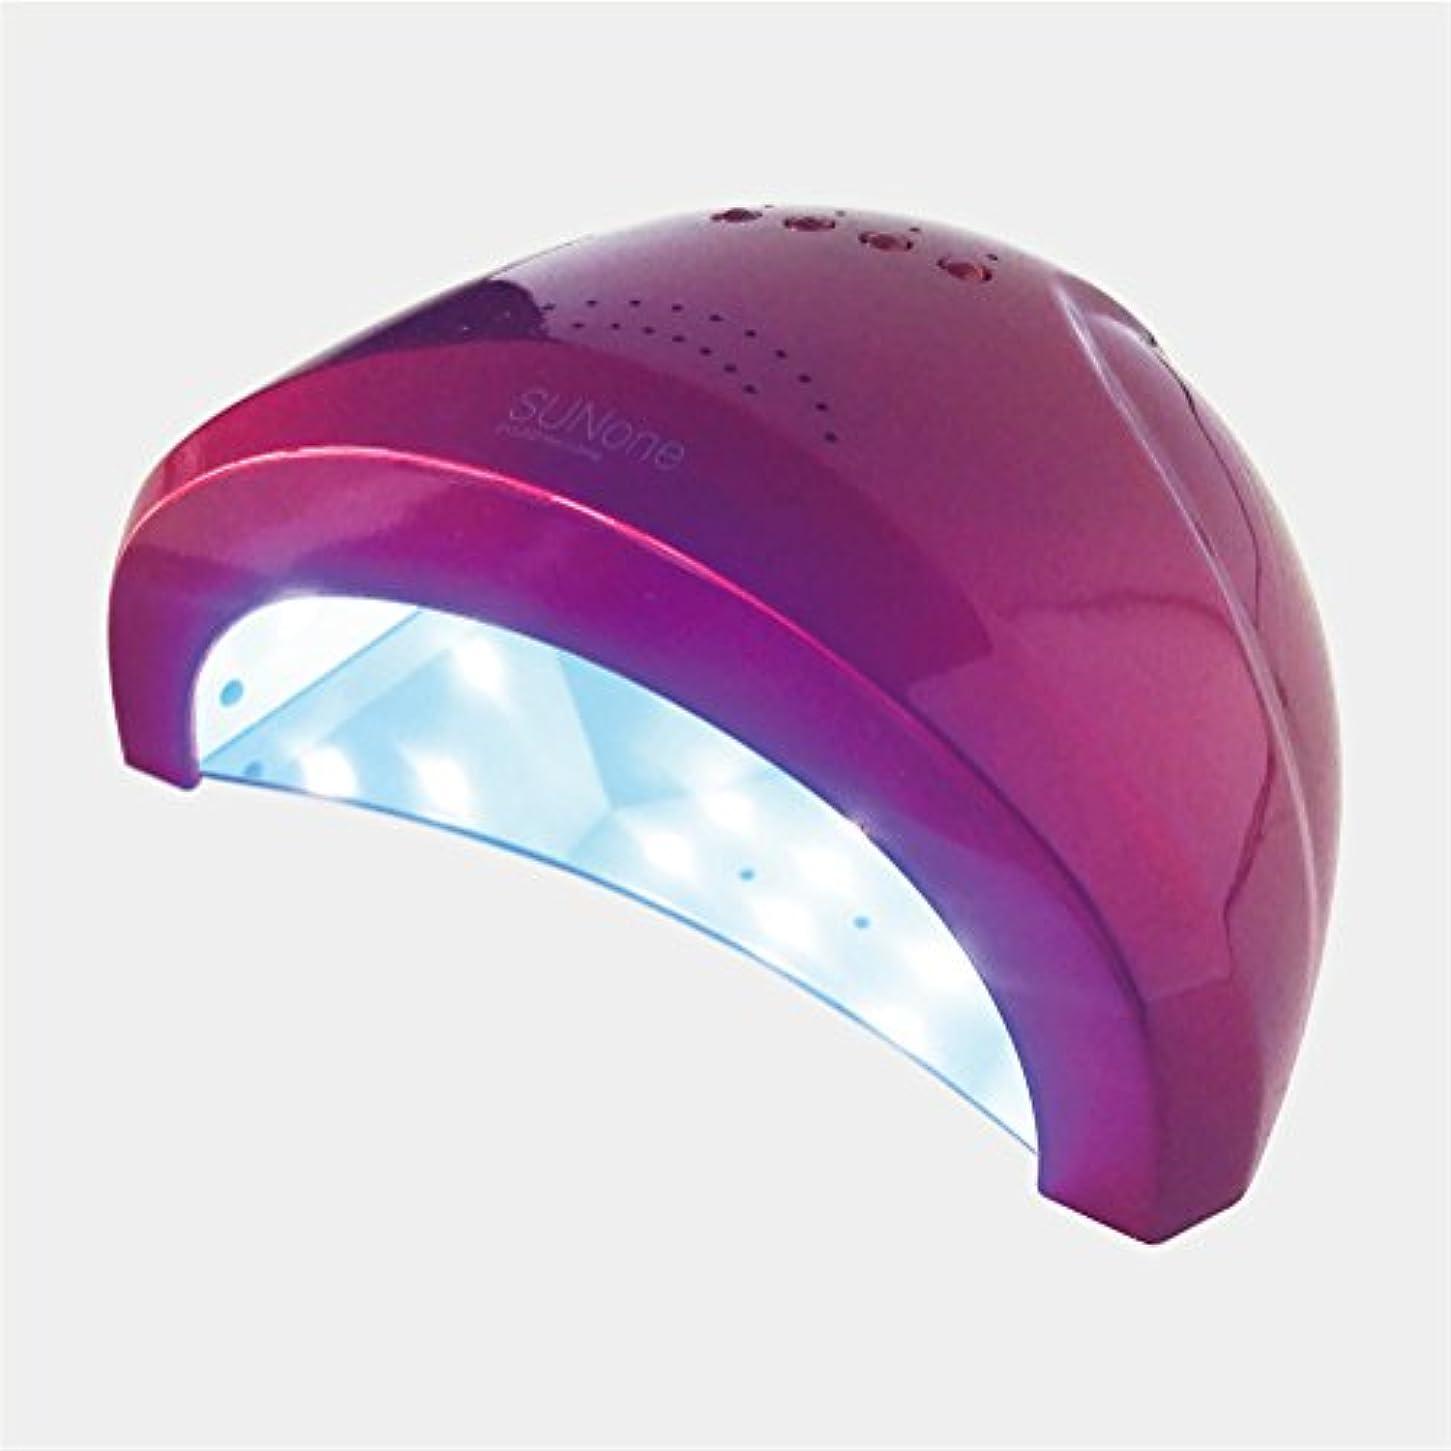 進む神のと闘うジェルネイル?クラフトレジン 48w UV/LEDライト 2in1 人感センサー付き ネイルドライヤー UV/LED兼用ライト 【保証付き】 カラー:レッド